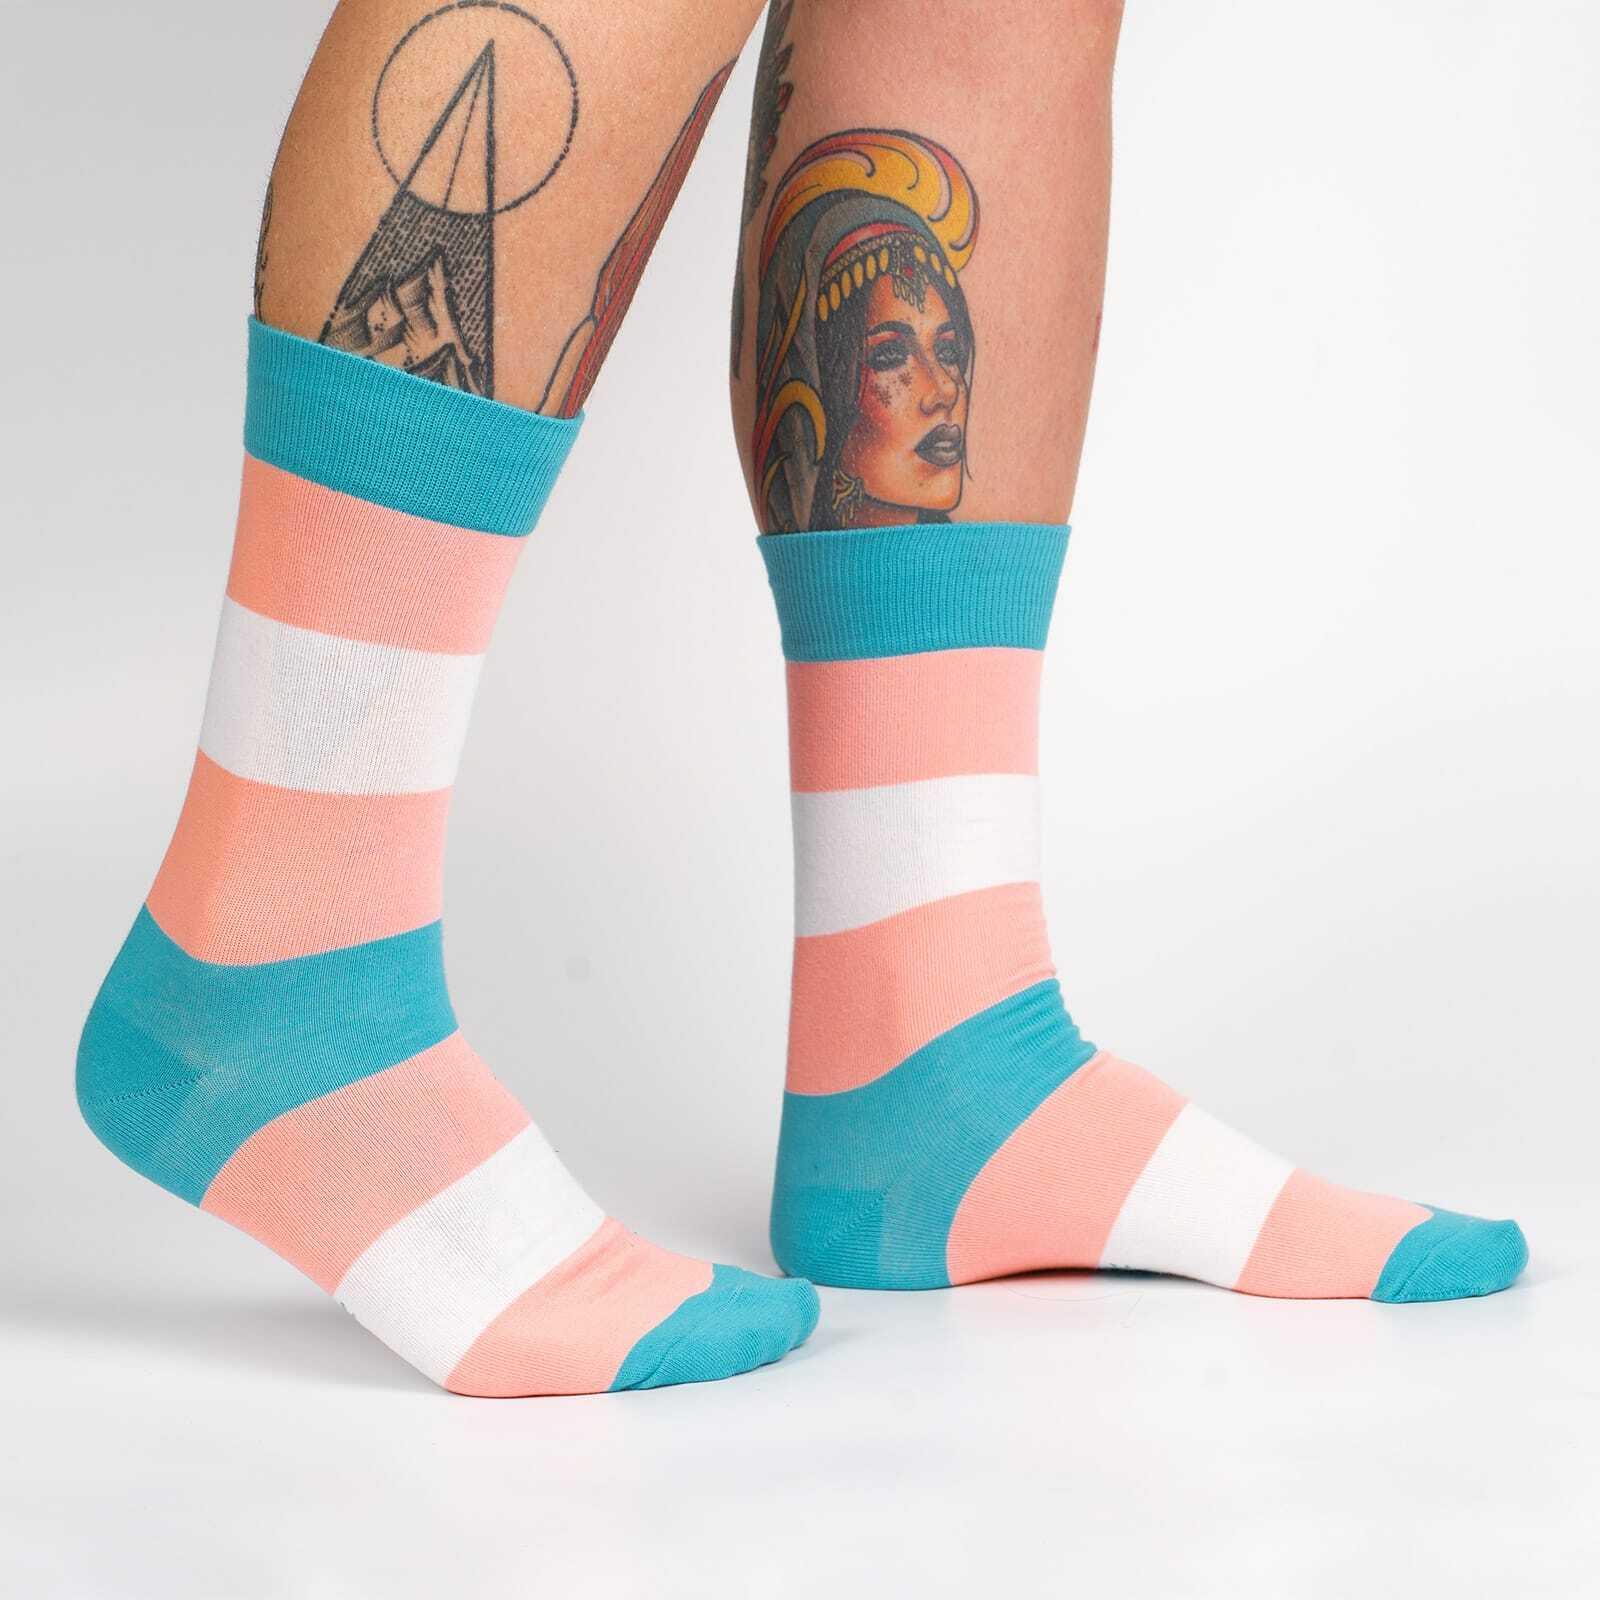 Trans Pride Unisex Crew Socks - M/L